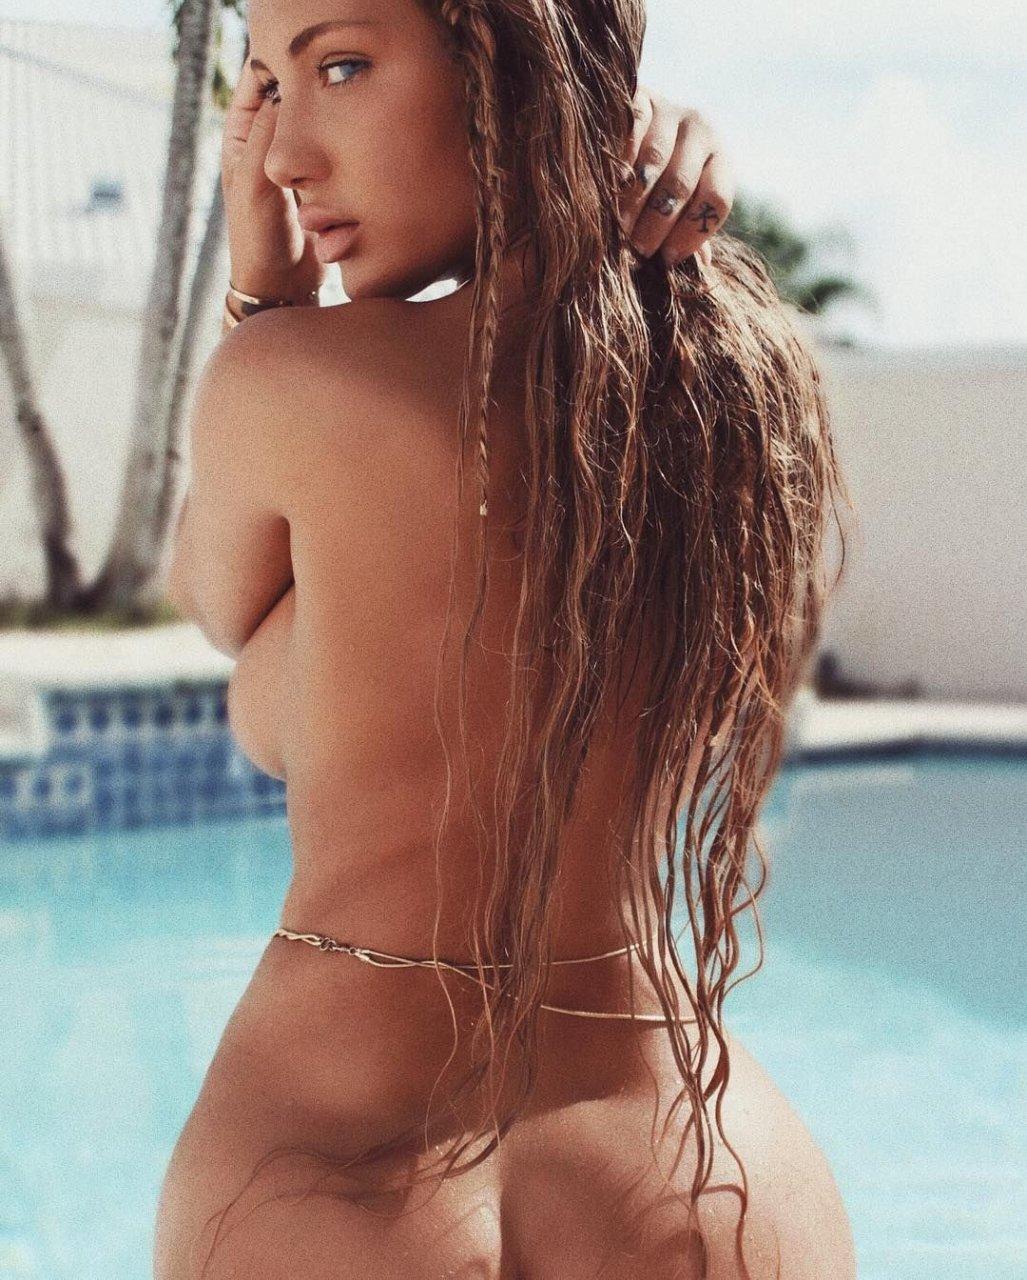 niykee heaton topless